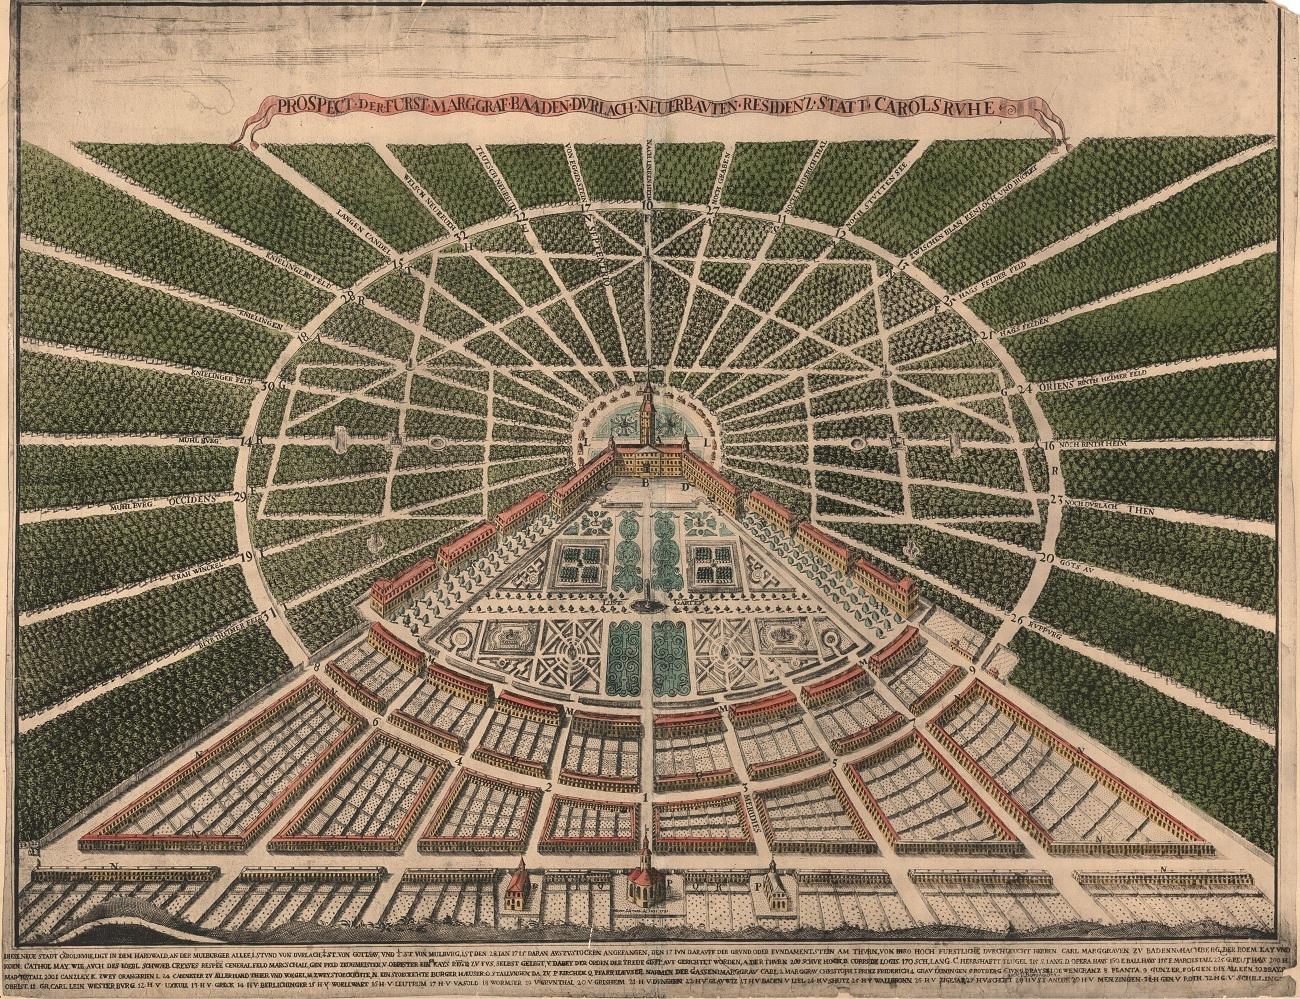 Stadtansicht von Heinrich Schwarz aus dem Jahr 1721